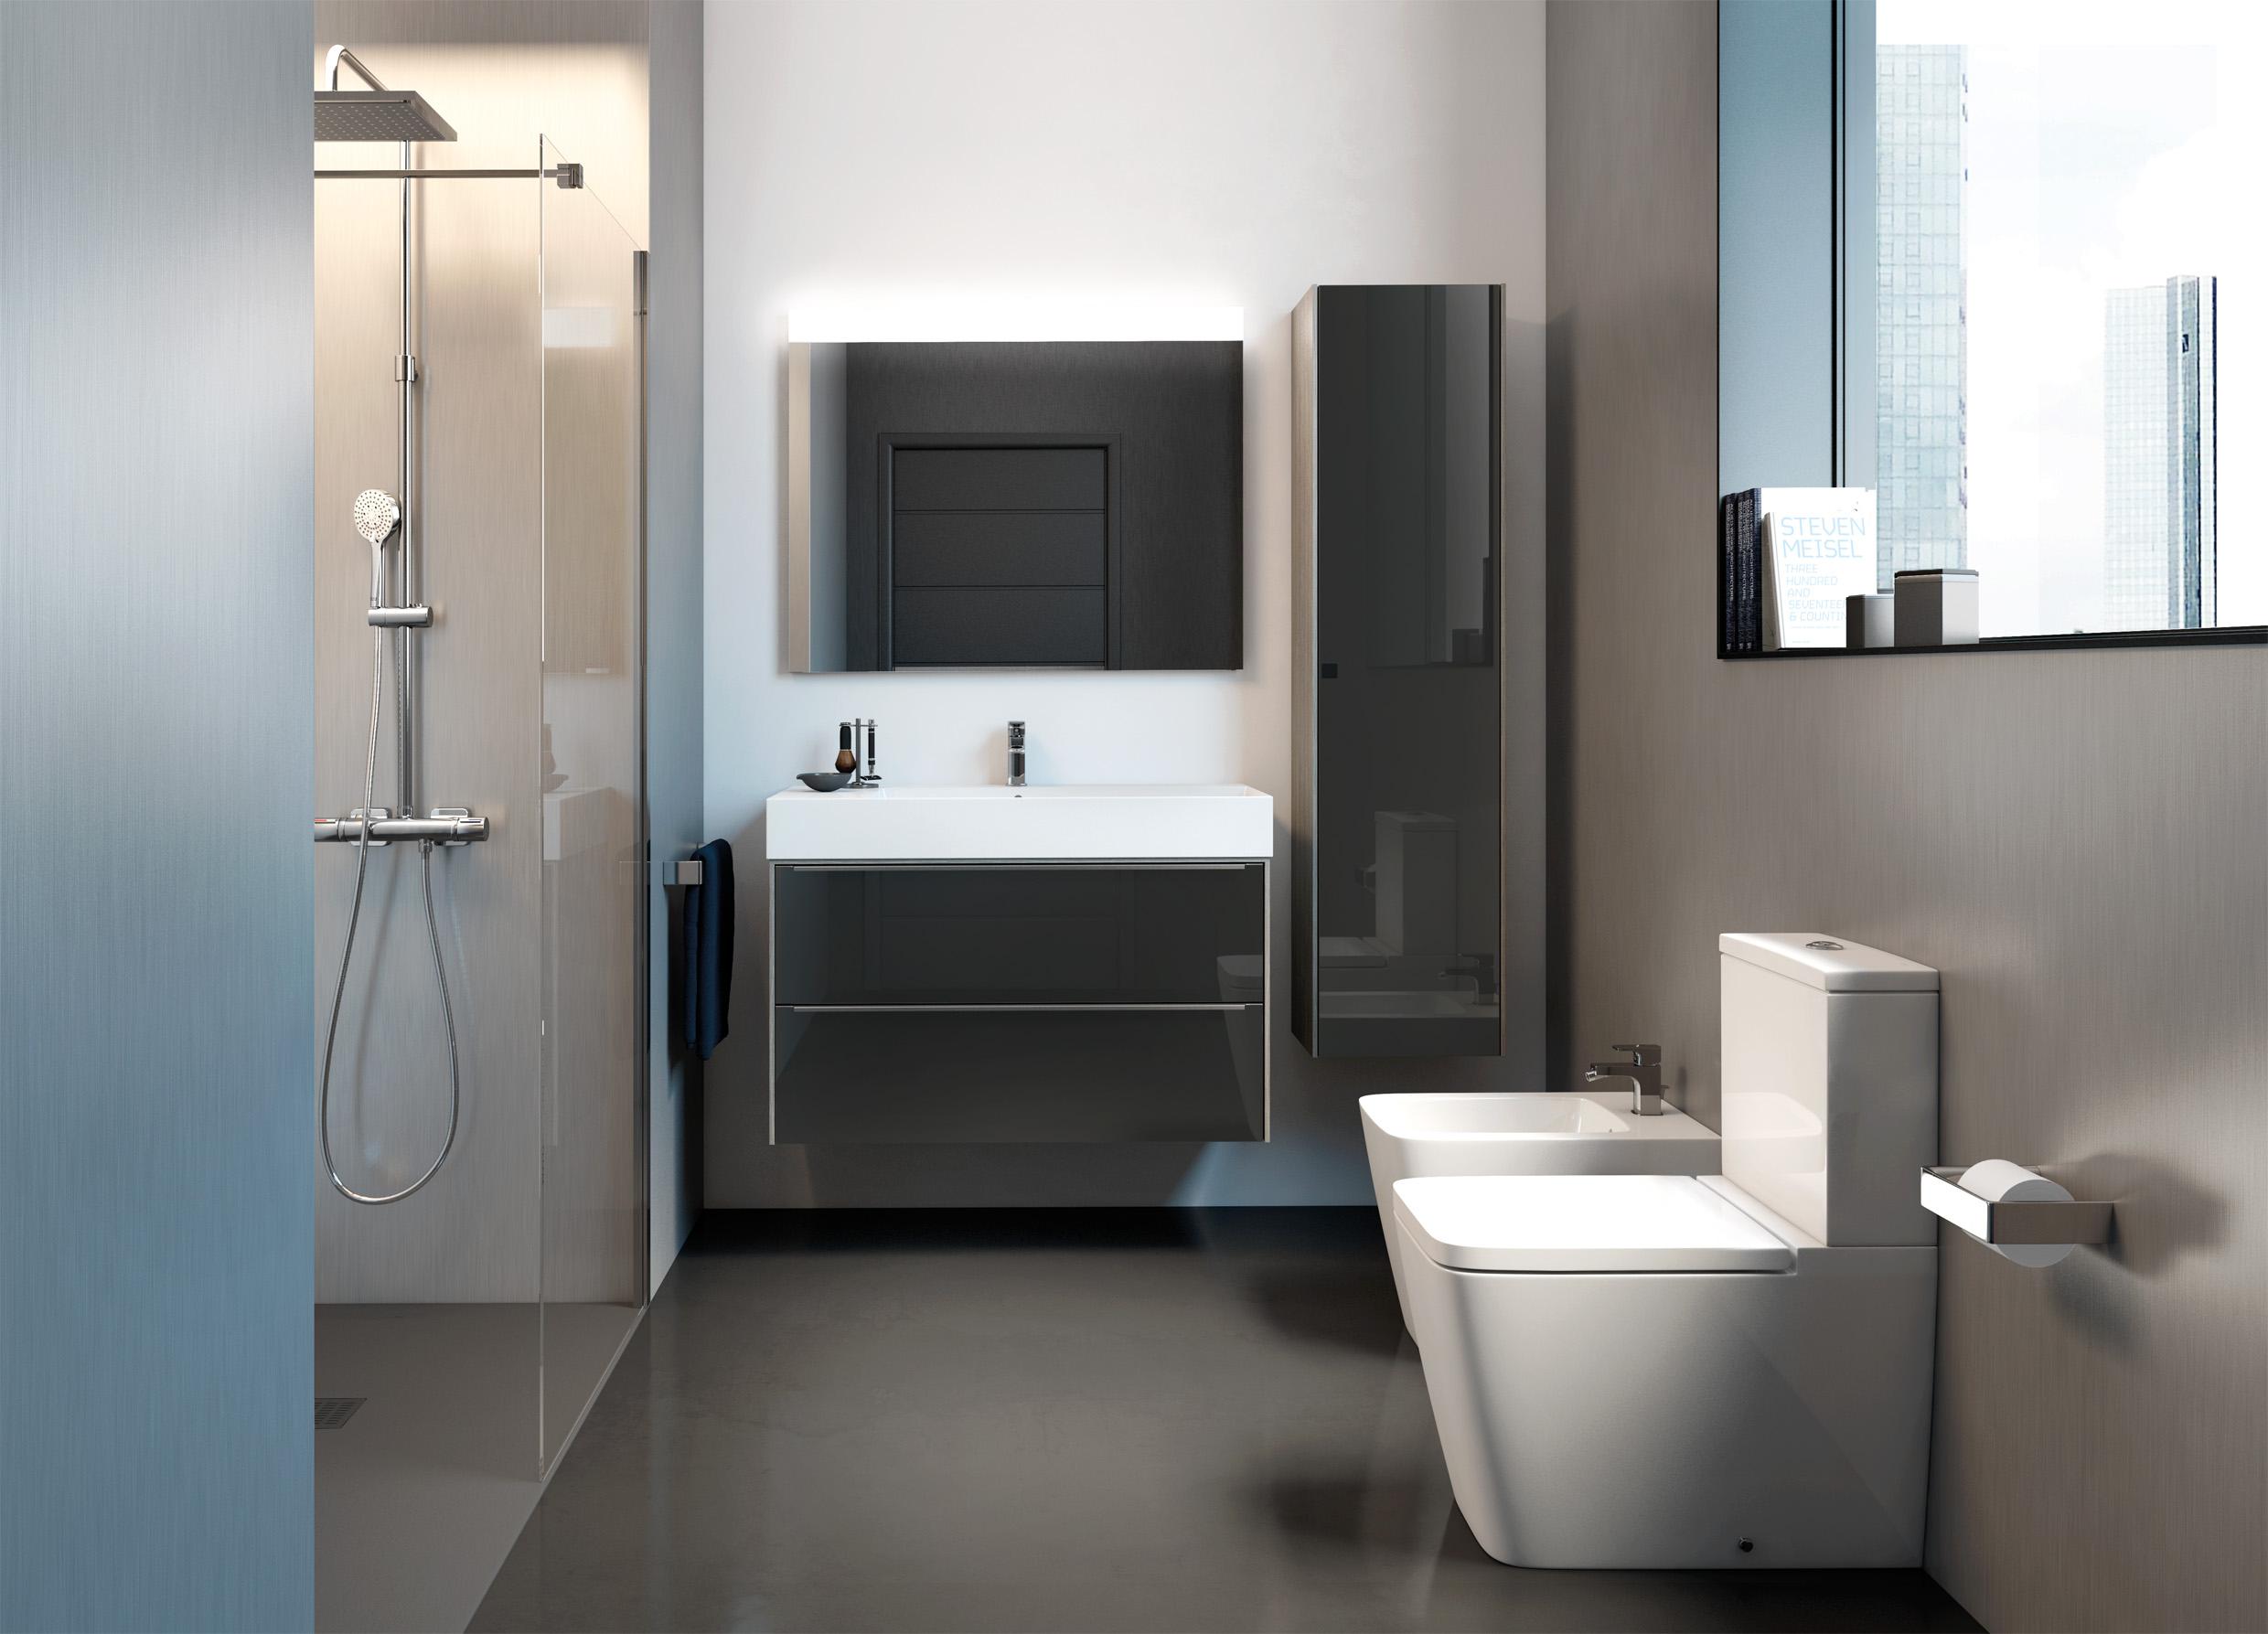 Multiplica el almacenaje instalando muebles de baño auxiliares